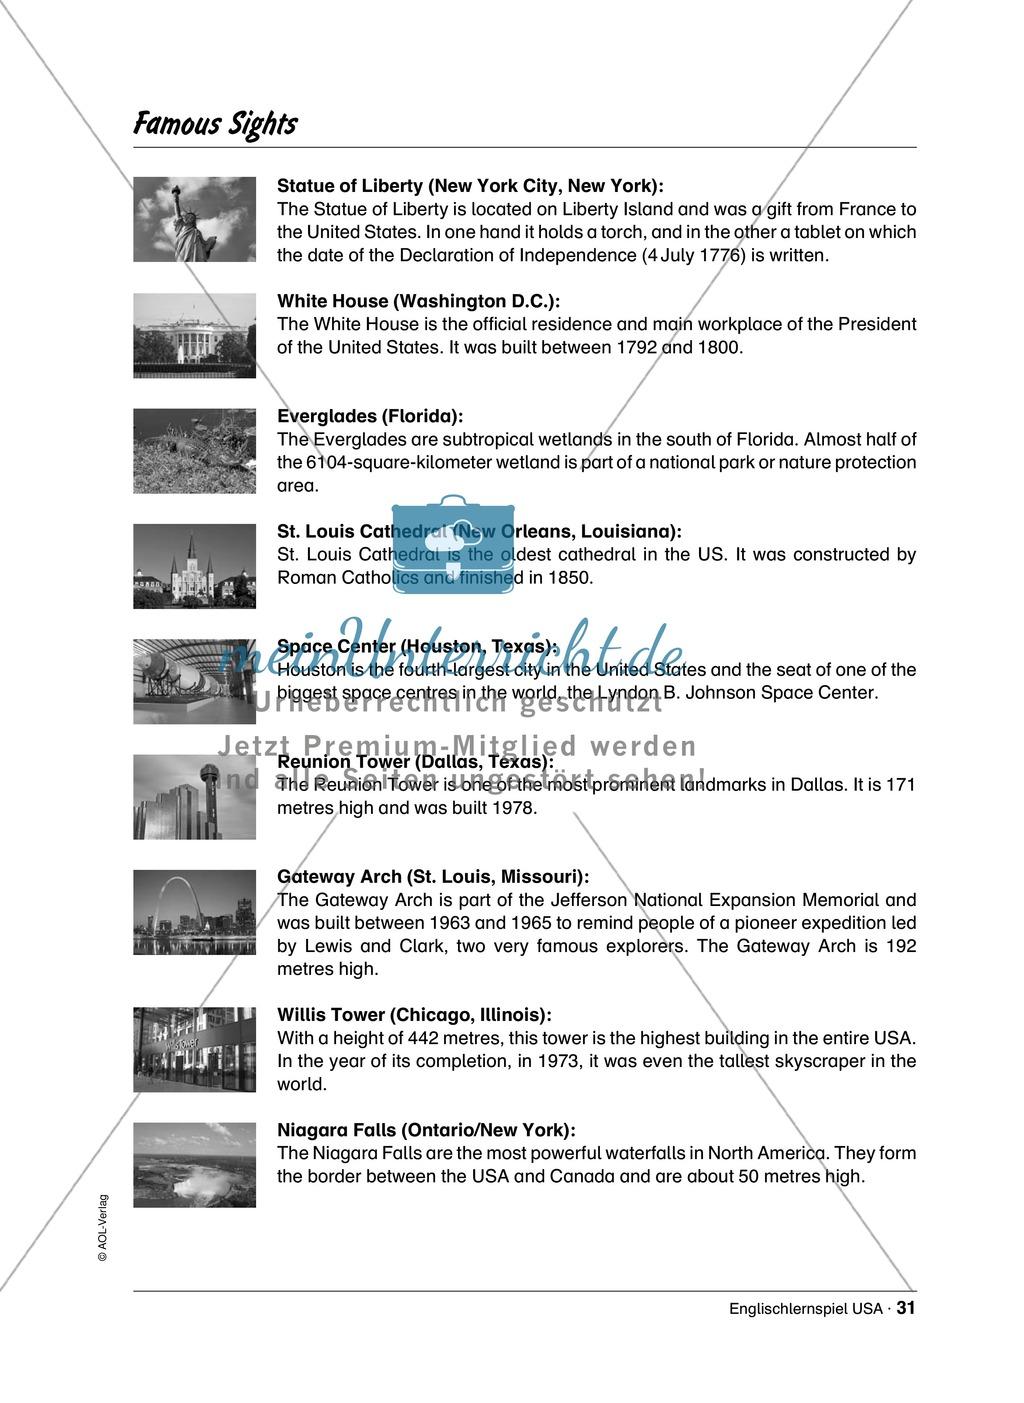 Englischlernspiel USA: Spielkarten + Informationen zu Sehenswürdigkeiten Preview 23